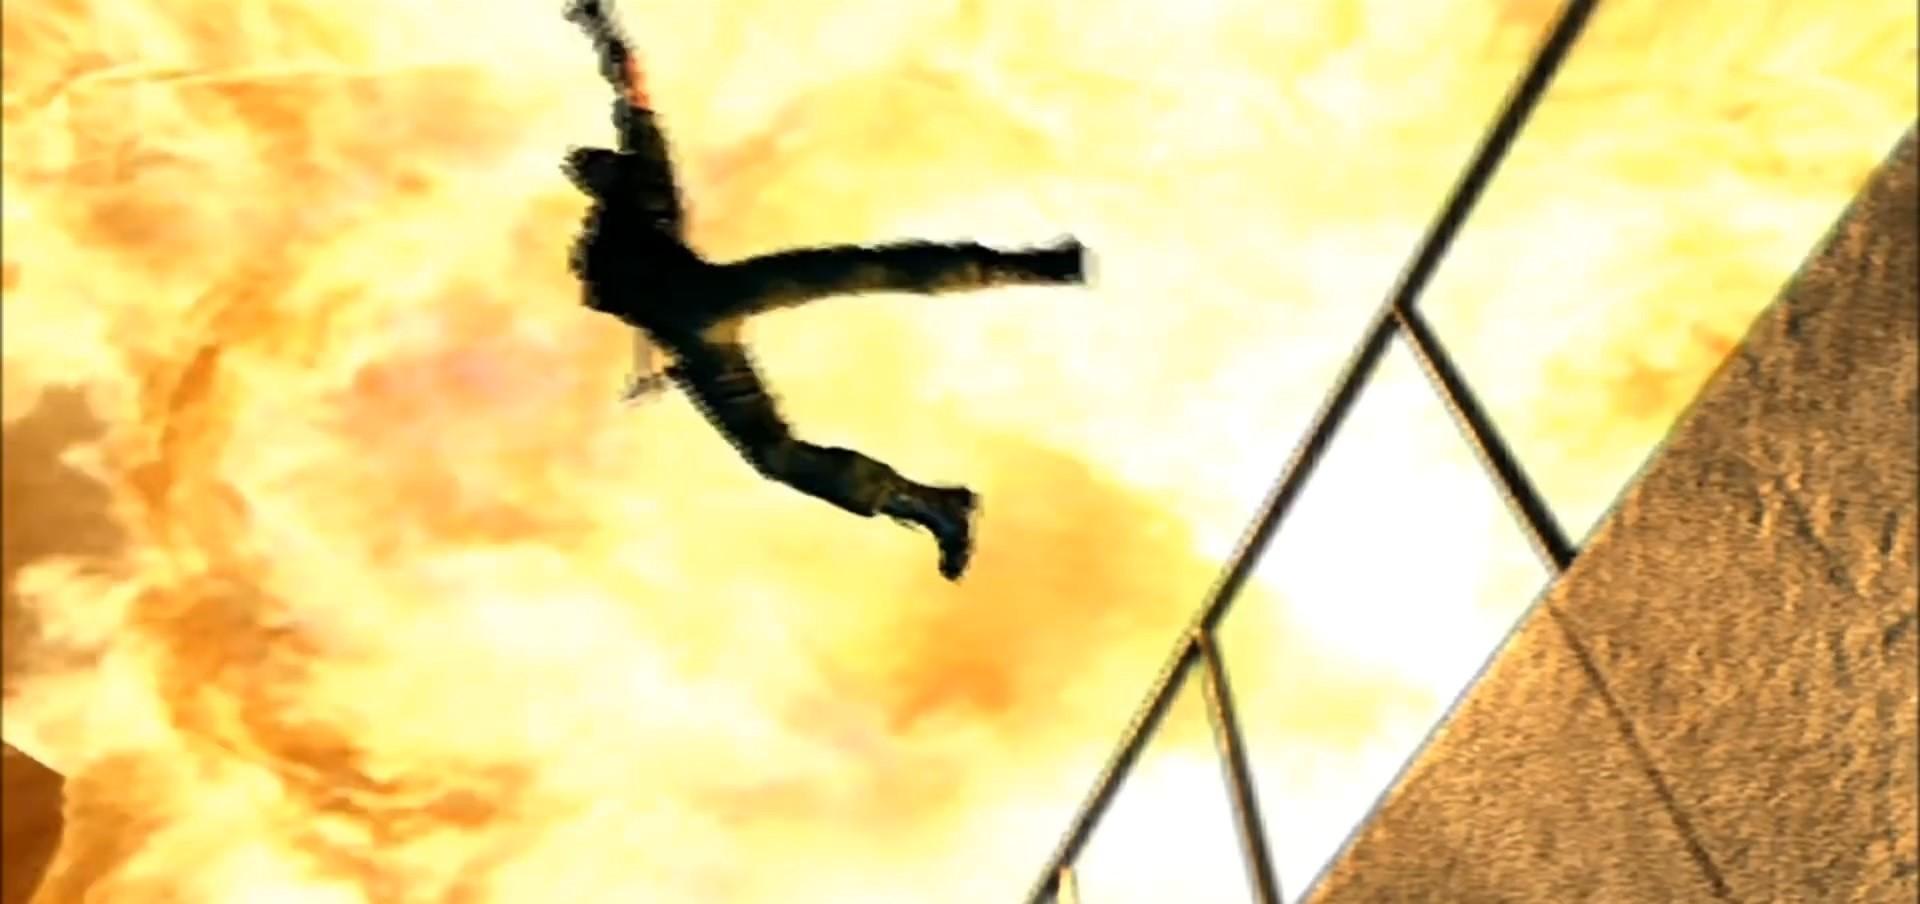 バイオコードベロニカ 爆風で戦闘機へダイブするクリス